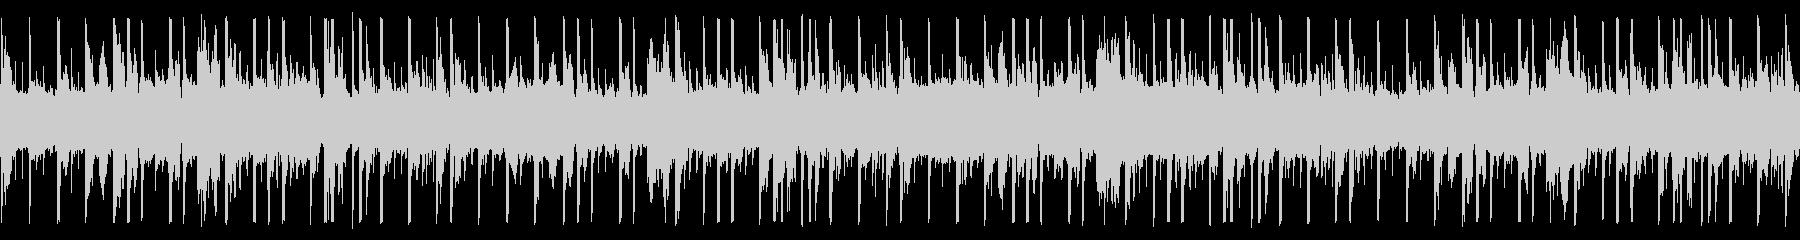 ピアノメインのHip-Hop/Loopの未再生の波形